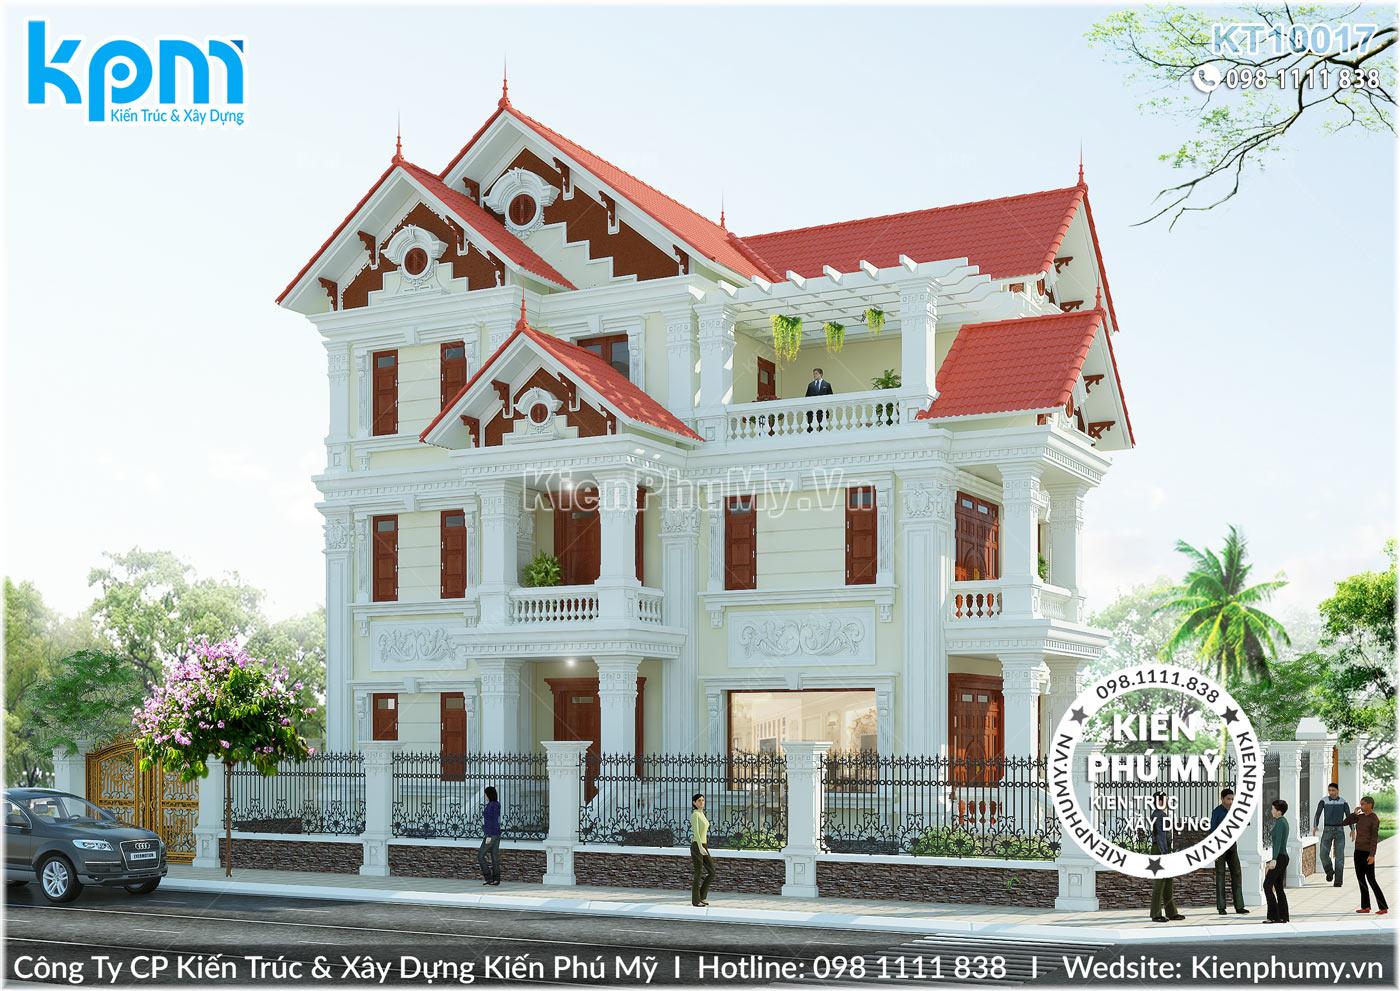 mẫu thiết kế biệt thự mái thái 3 tầng kiến trúc tân cổ điển pháp